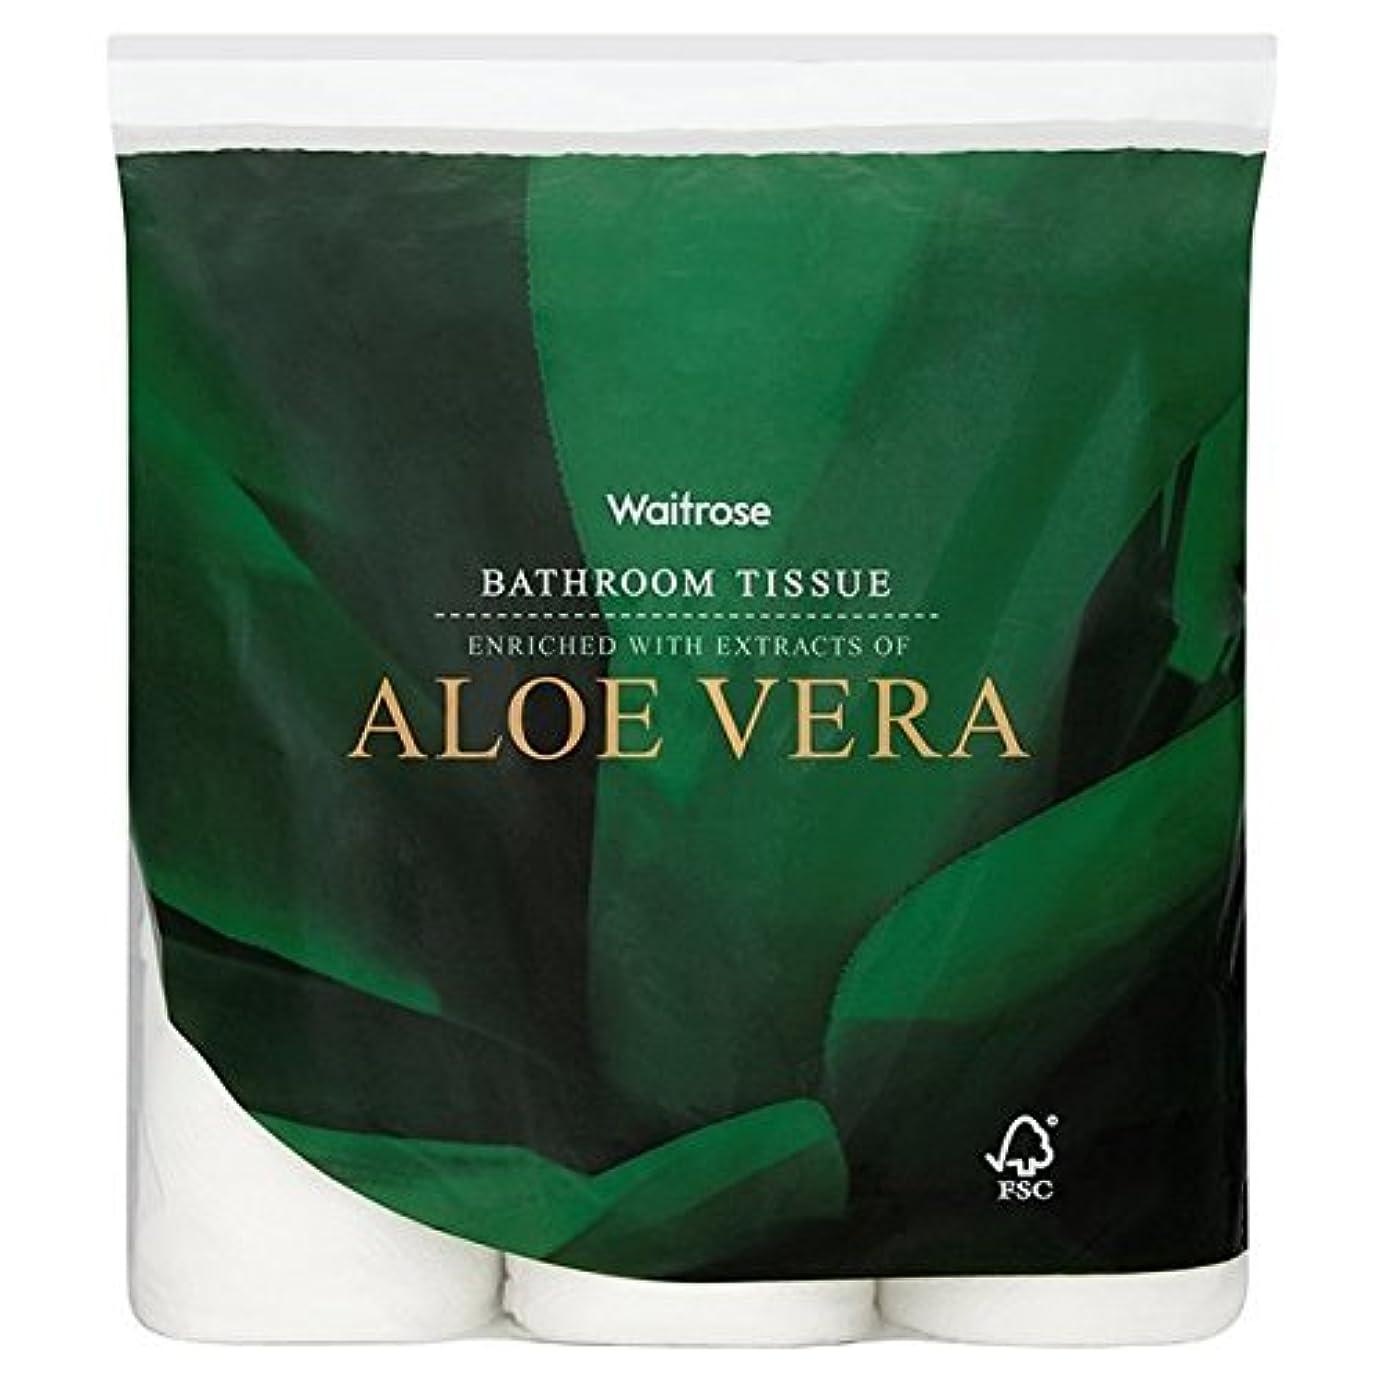 交じる介入する本パックあたりアロエベラ浴室組織白ウェイトローズ9 x2 - Aloe Vera Bathroom Tissue White Waitrose 9 per pack (Pack of 2) [並行輸入品]